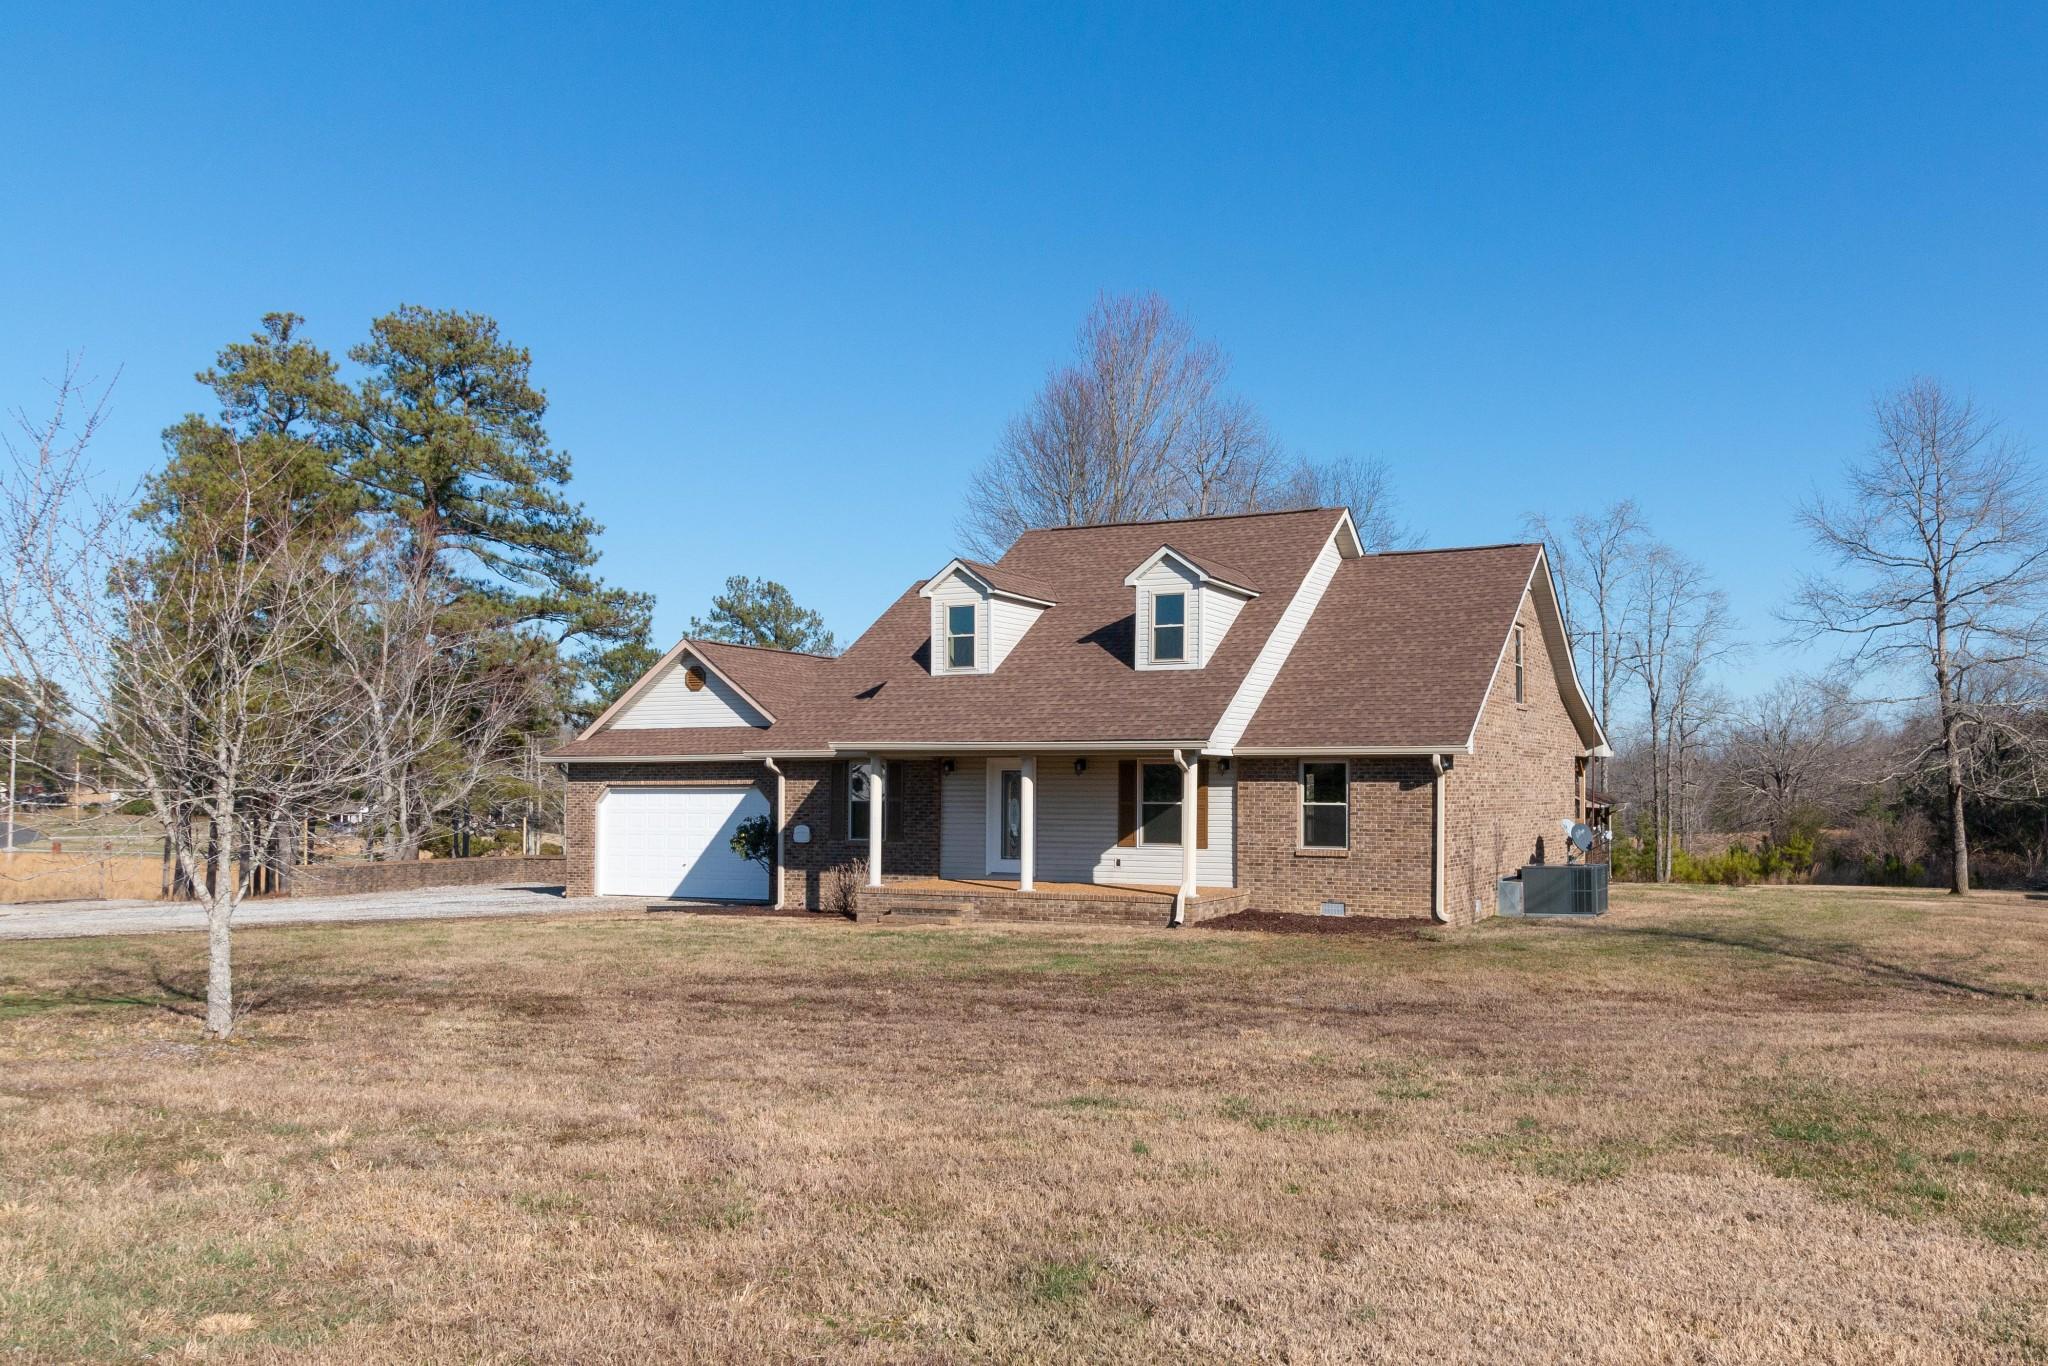 2020 Ridge Road, MC EWEN, TN 37101 - MC EWEN, TN real estate listing